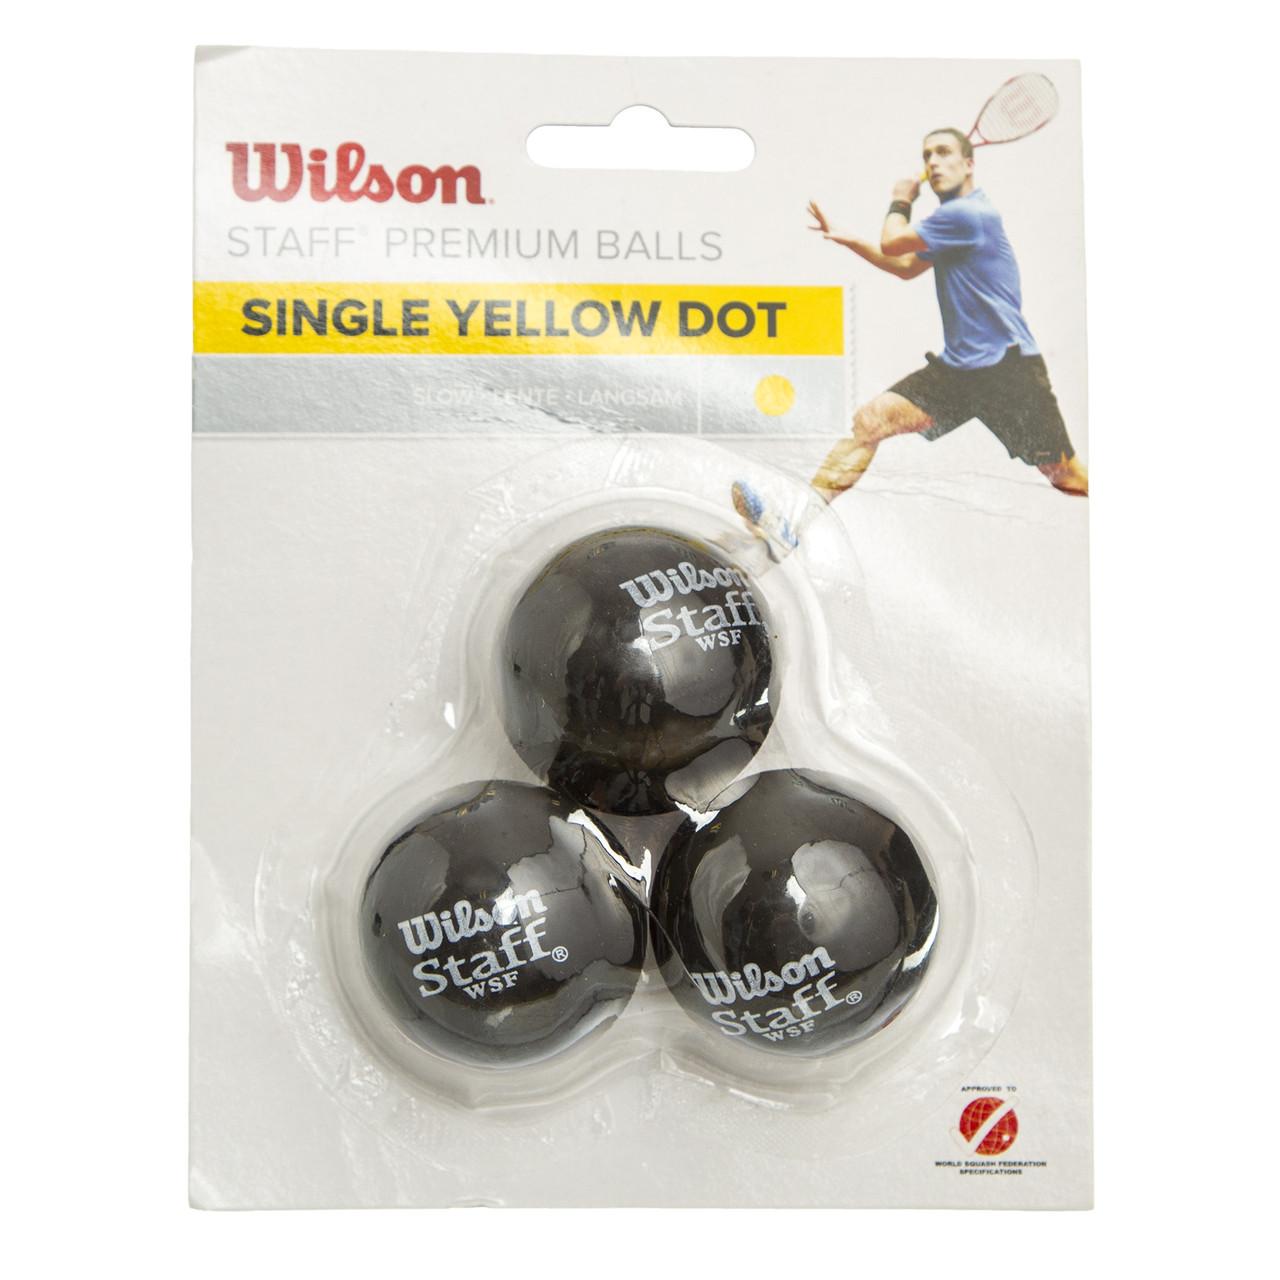 М'яч для сквошу WILSON (3шт) WRT618300 STAFF (гума, d-см, 1 жовта точка, повільний м'яч, чорний)